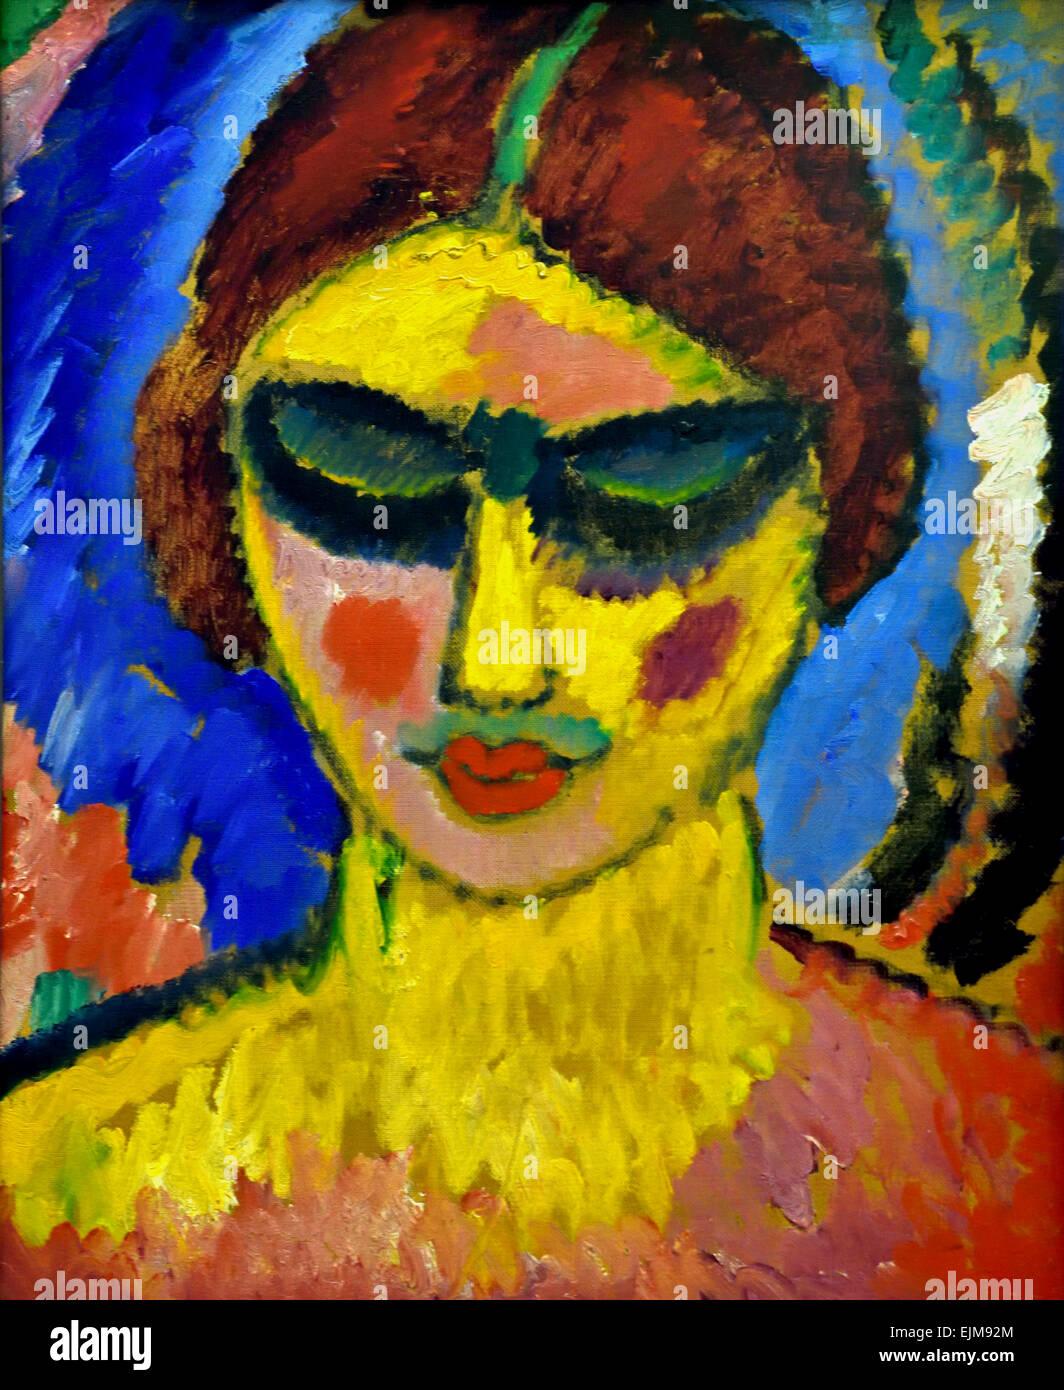 Madchen mit Niedergeschlagenen Augen - fille aux yeux baissés 1912 Alexej von Jawlensky 1864-1941 Russie Fédération Photo Stock